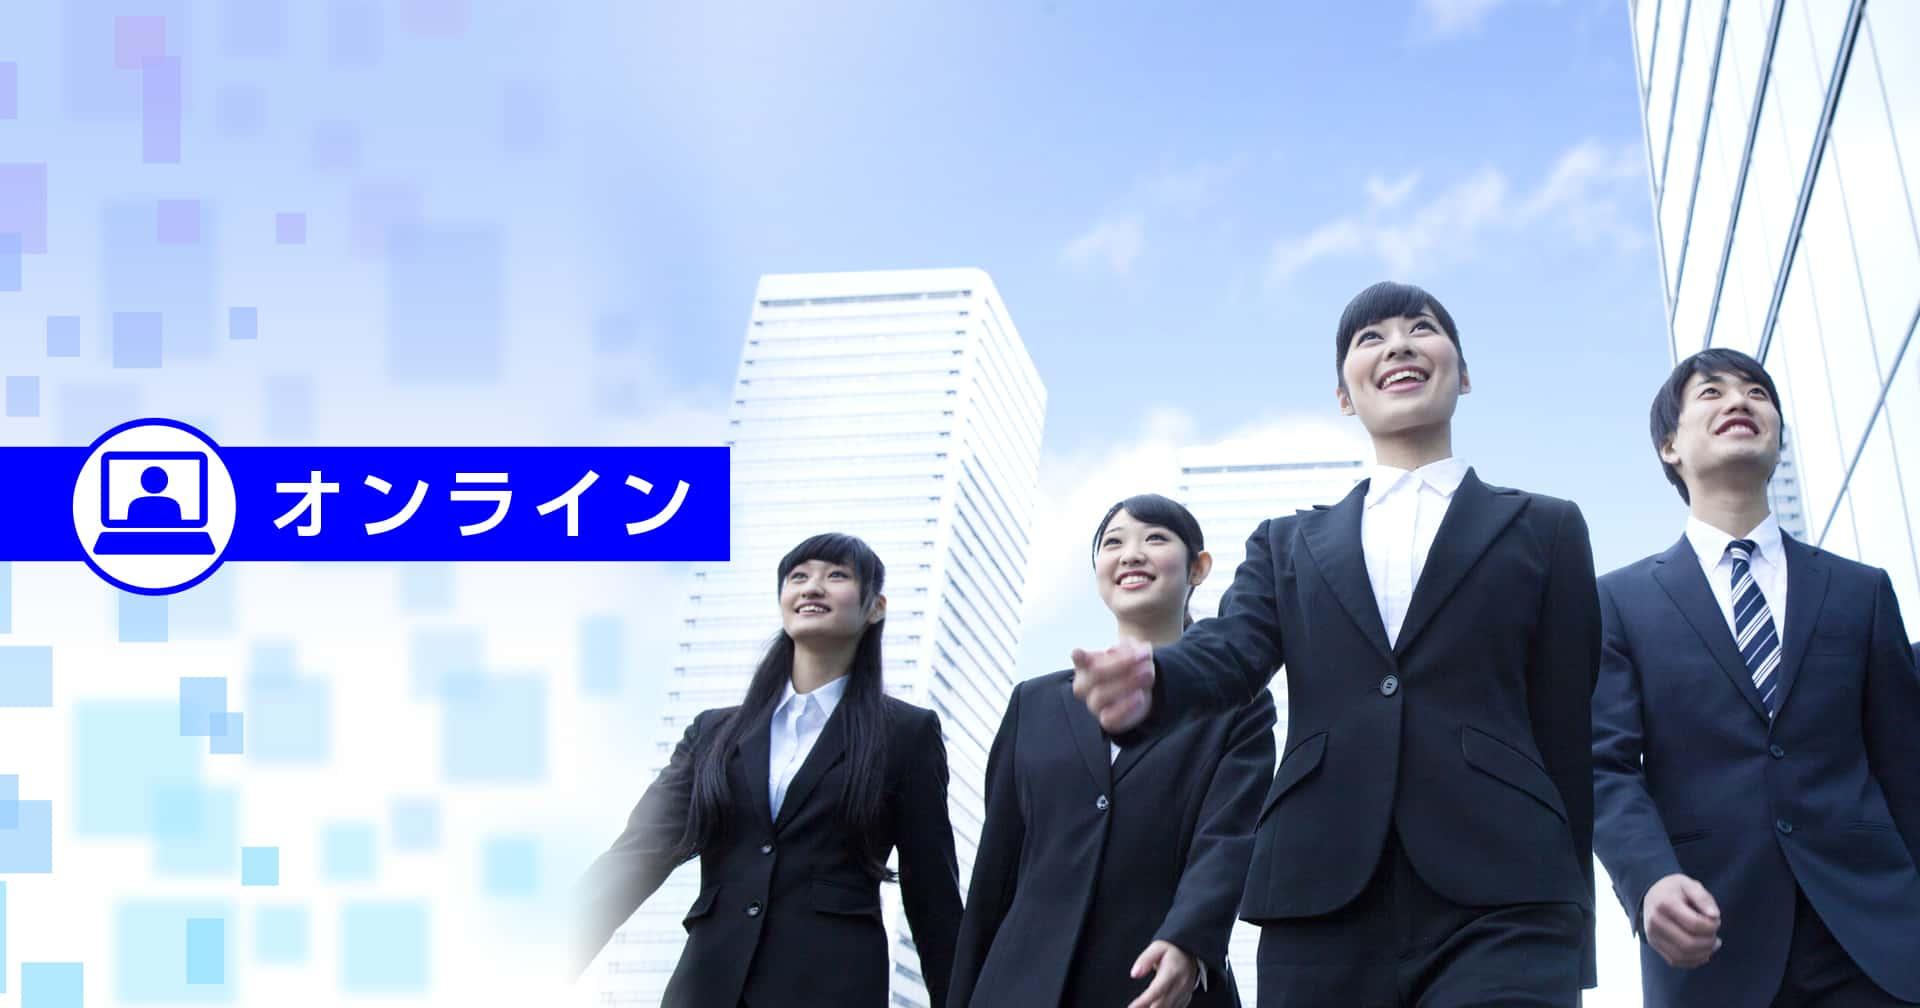 【オンライン版】若手社員研修 仕事力アップコース(1日)